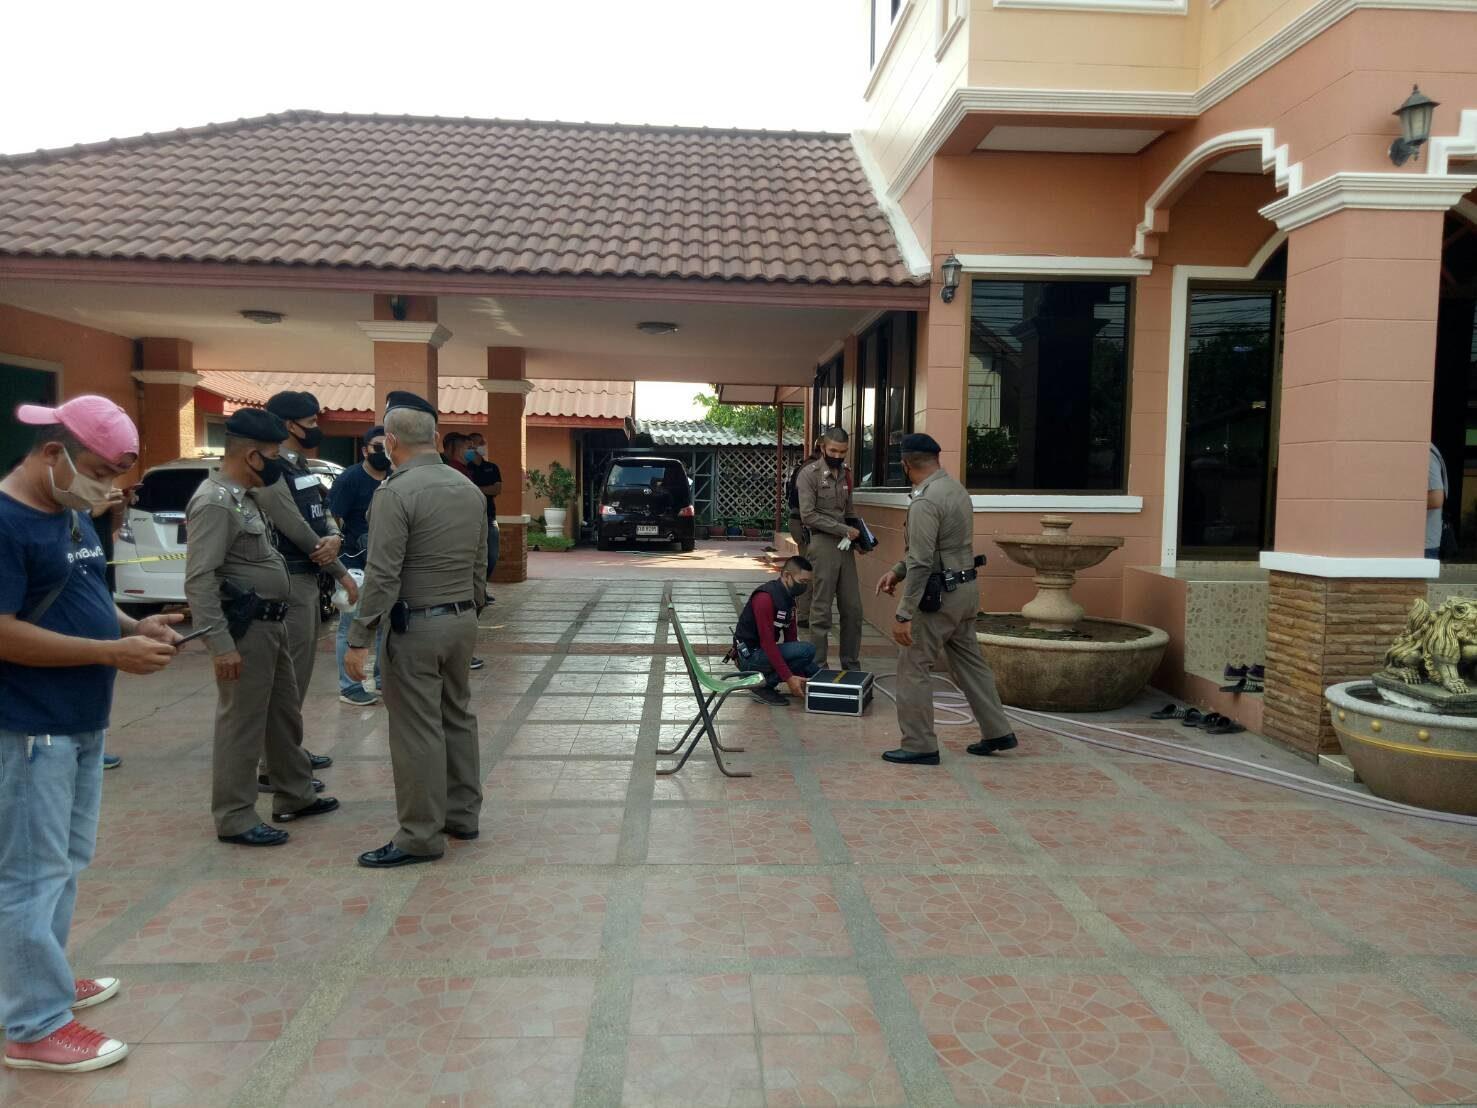 ลพบุรีไล่ล่าตำรวจ ยิงพ่อดับคาบ้านหรู หลังทะเลาะกันรุนแรง